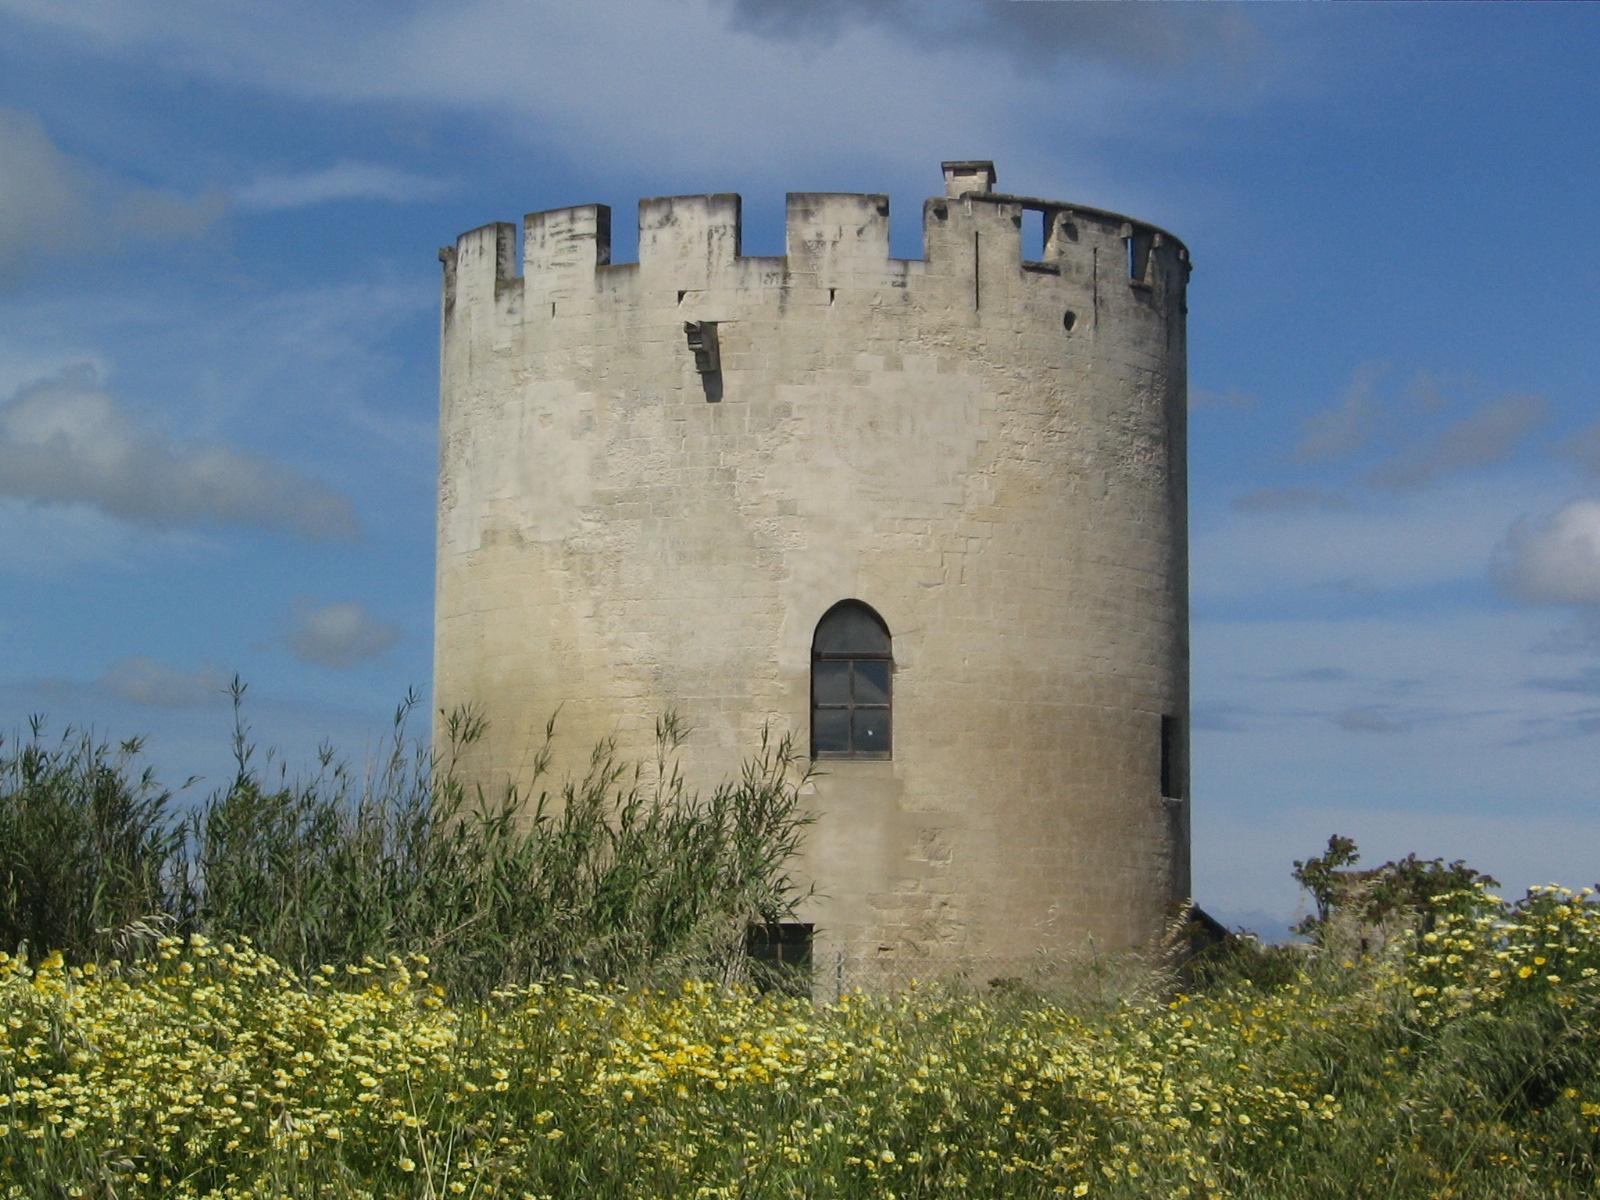 monumenti di Lecce, torre di Belloluogo – Laterradipuglia.it